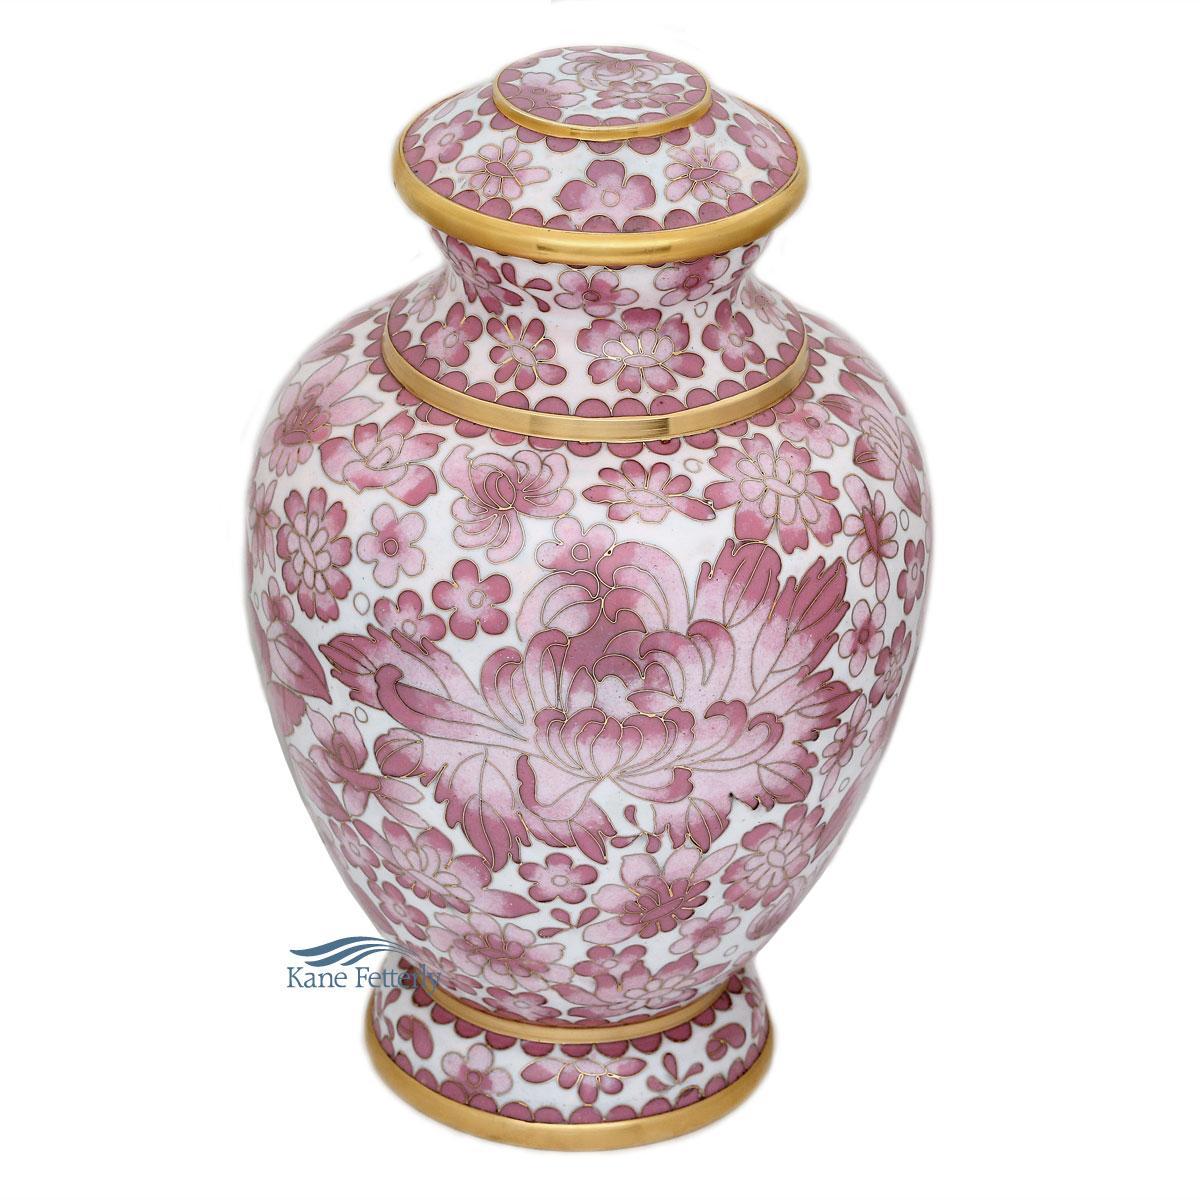 U8583 Cloisonn� urn